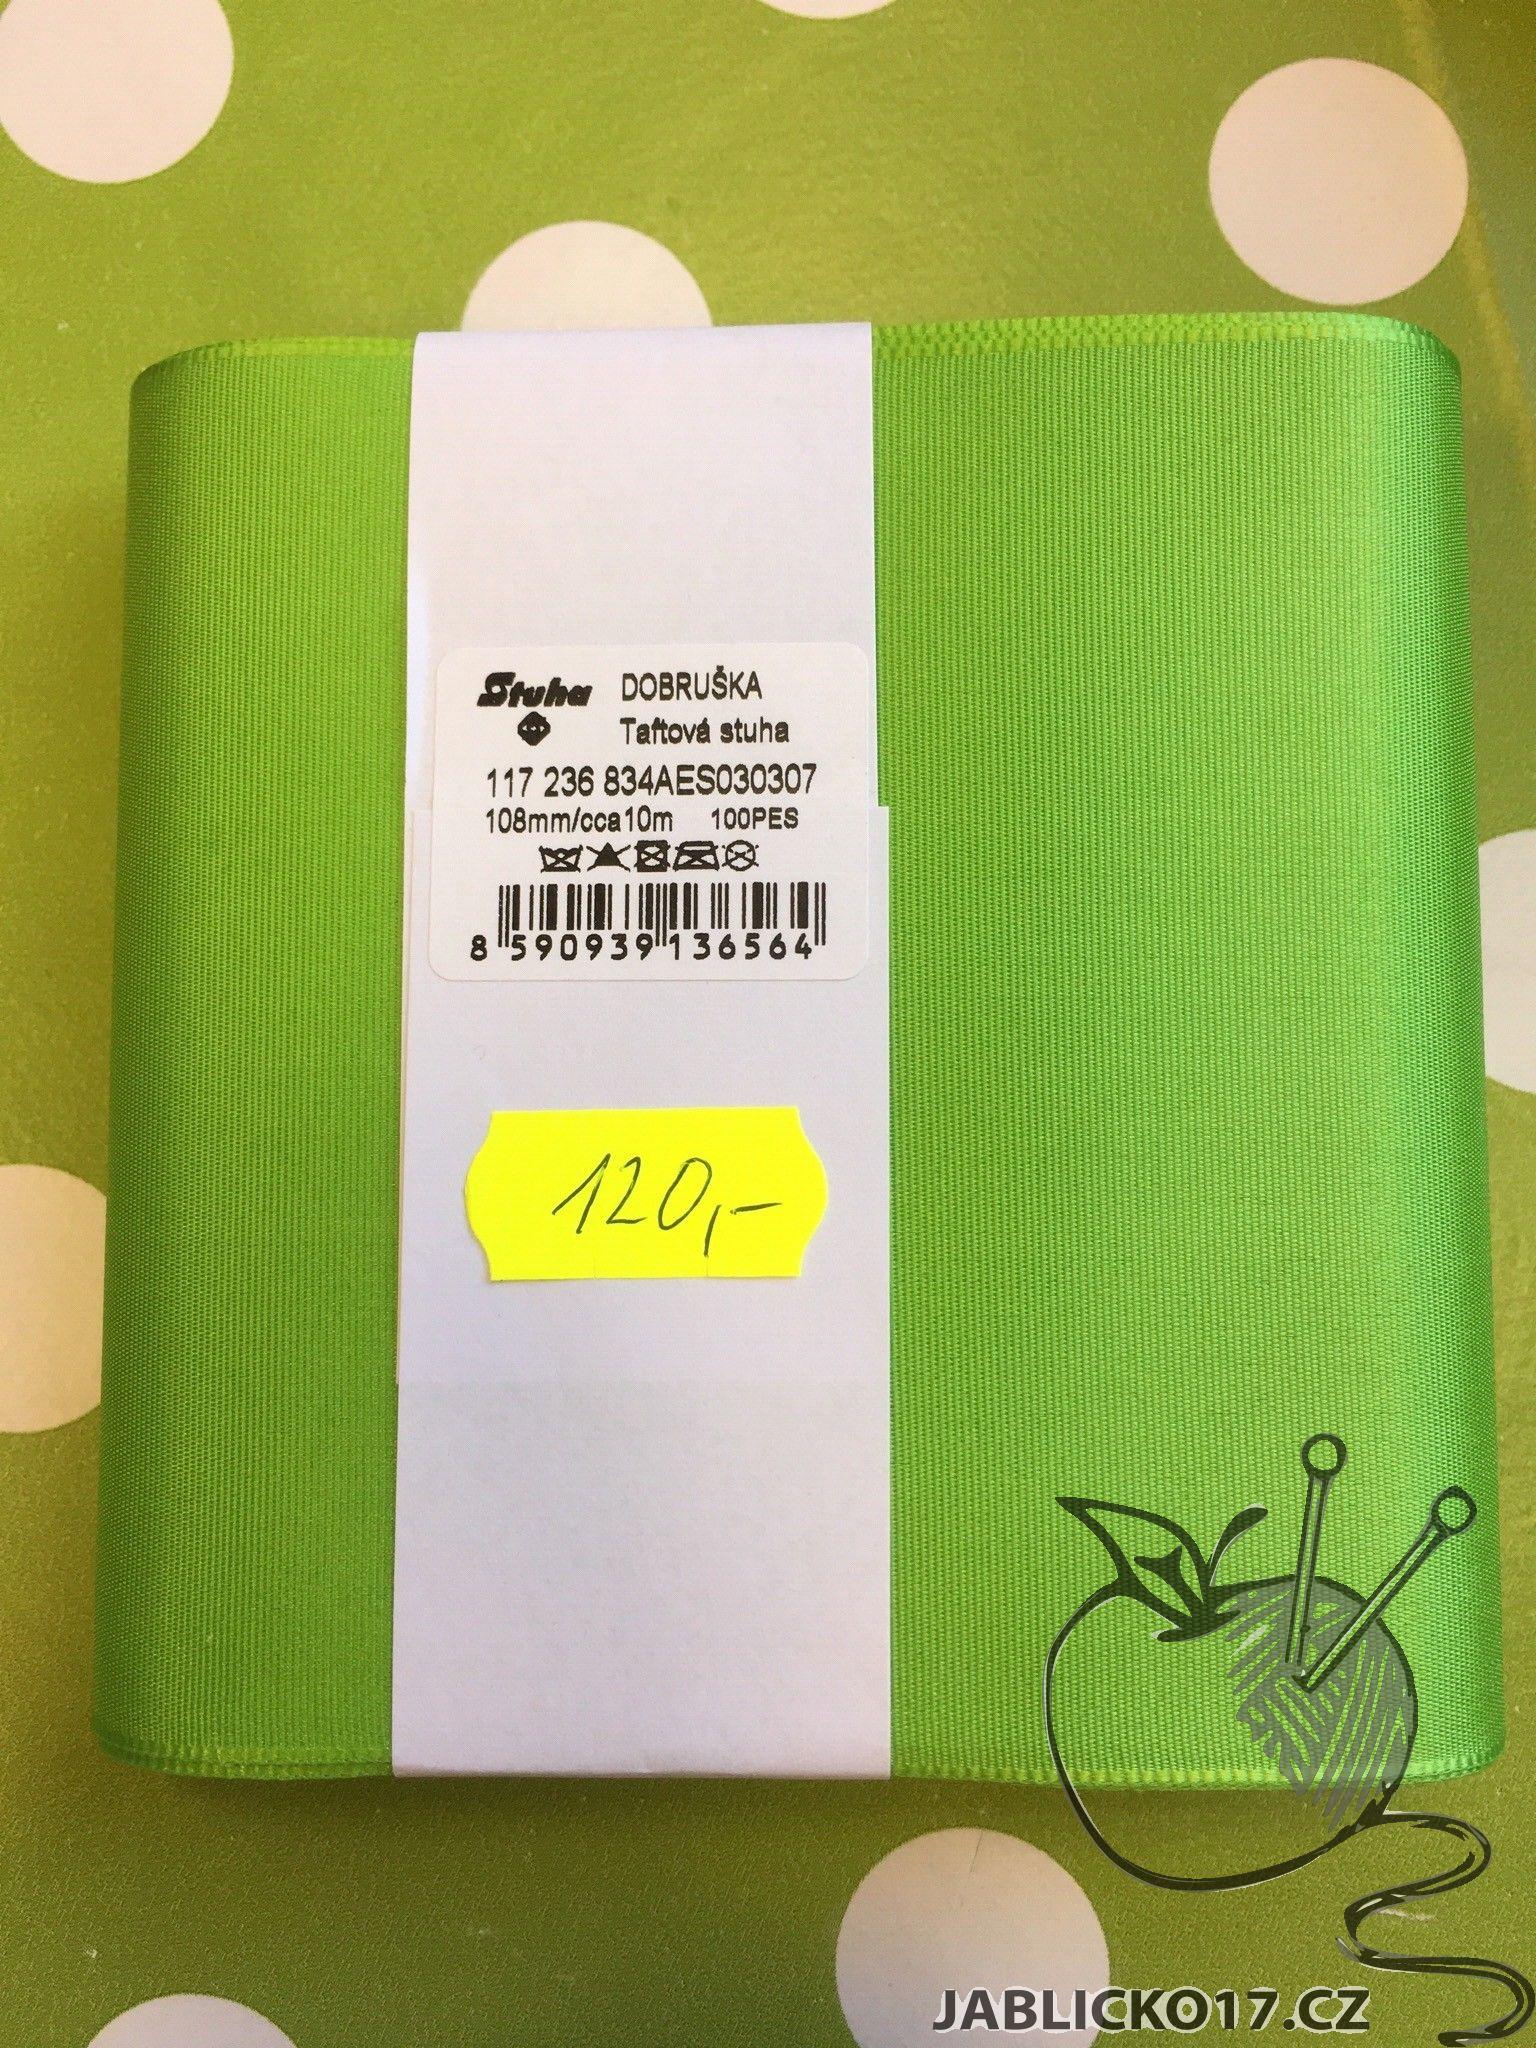 Taftová stuha sv. zelená 108mm